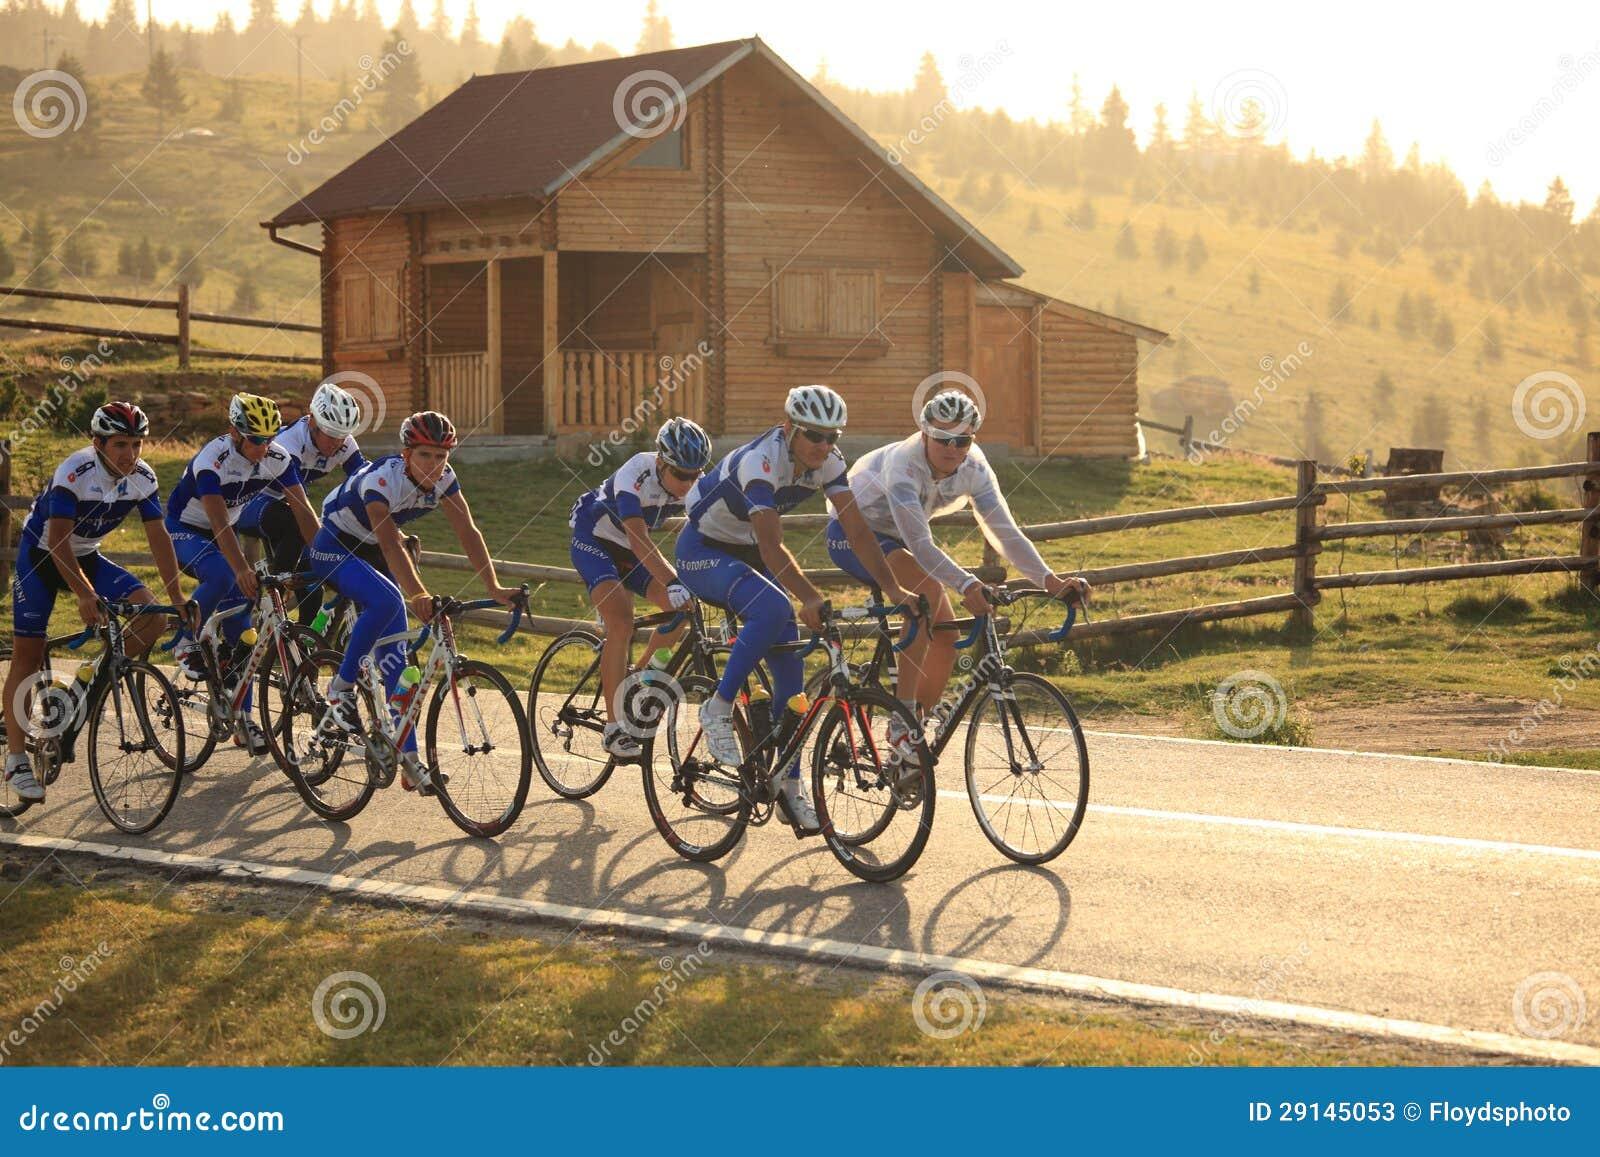 Различные велосипедисты от различных команд на Paltinis, Румыния